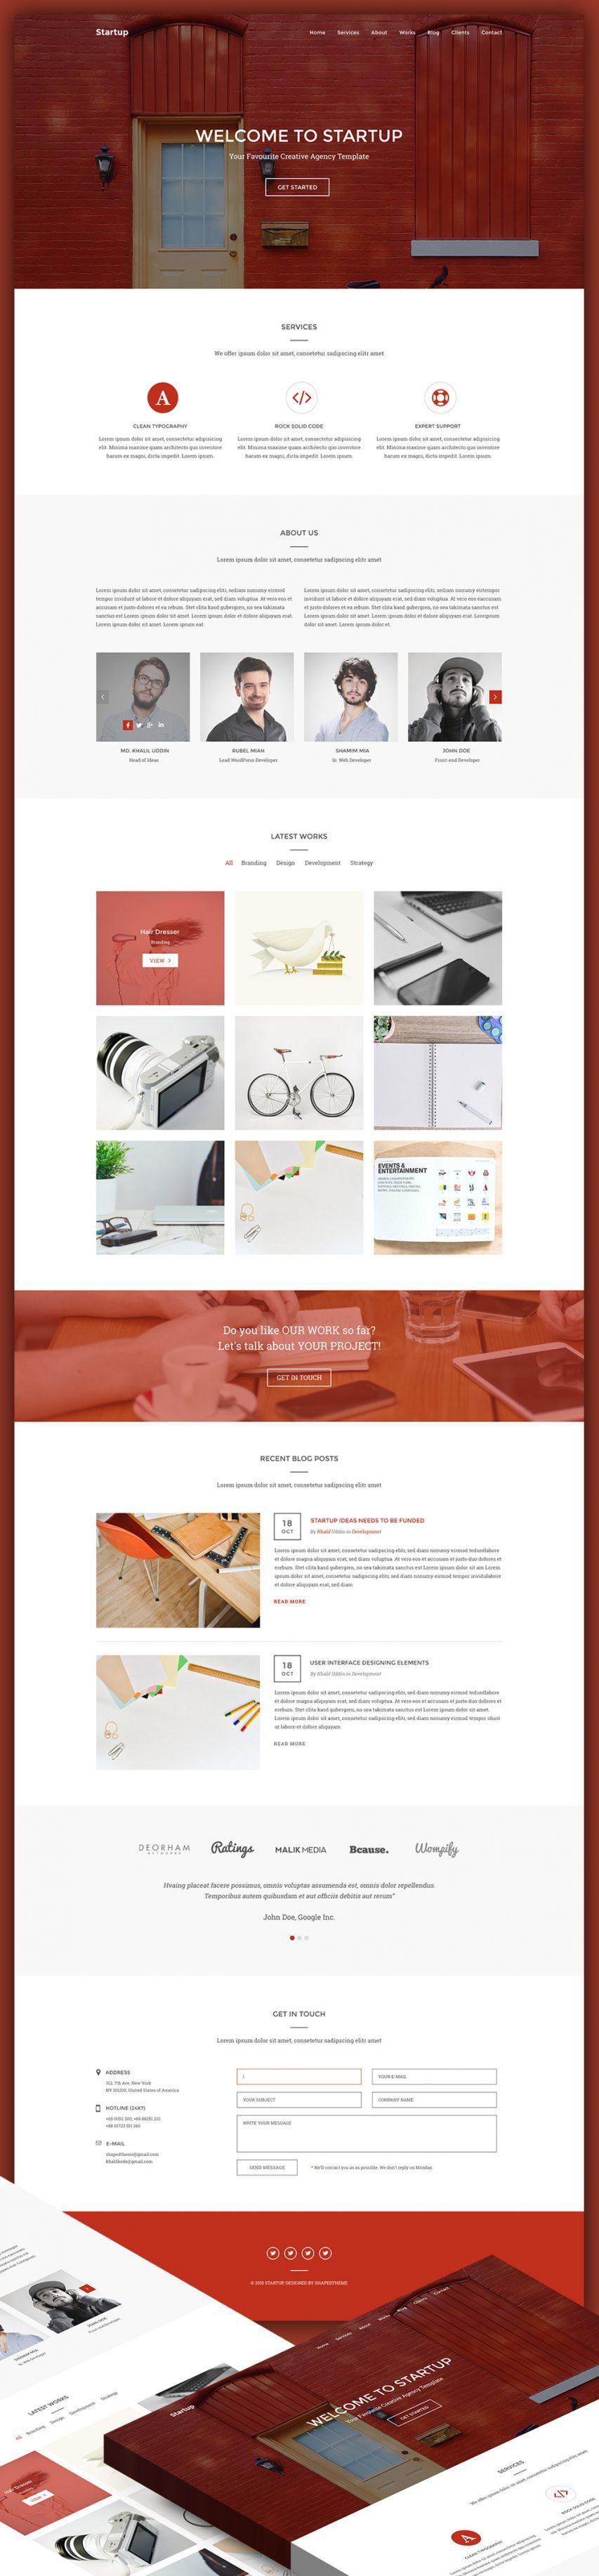 Creative Agency Website Homepage